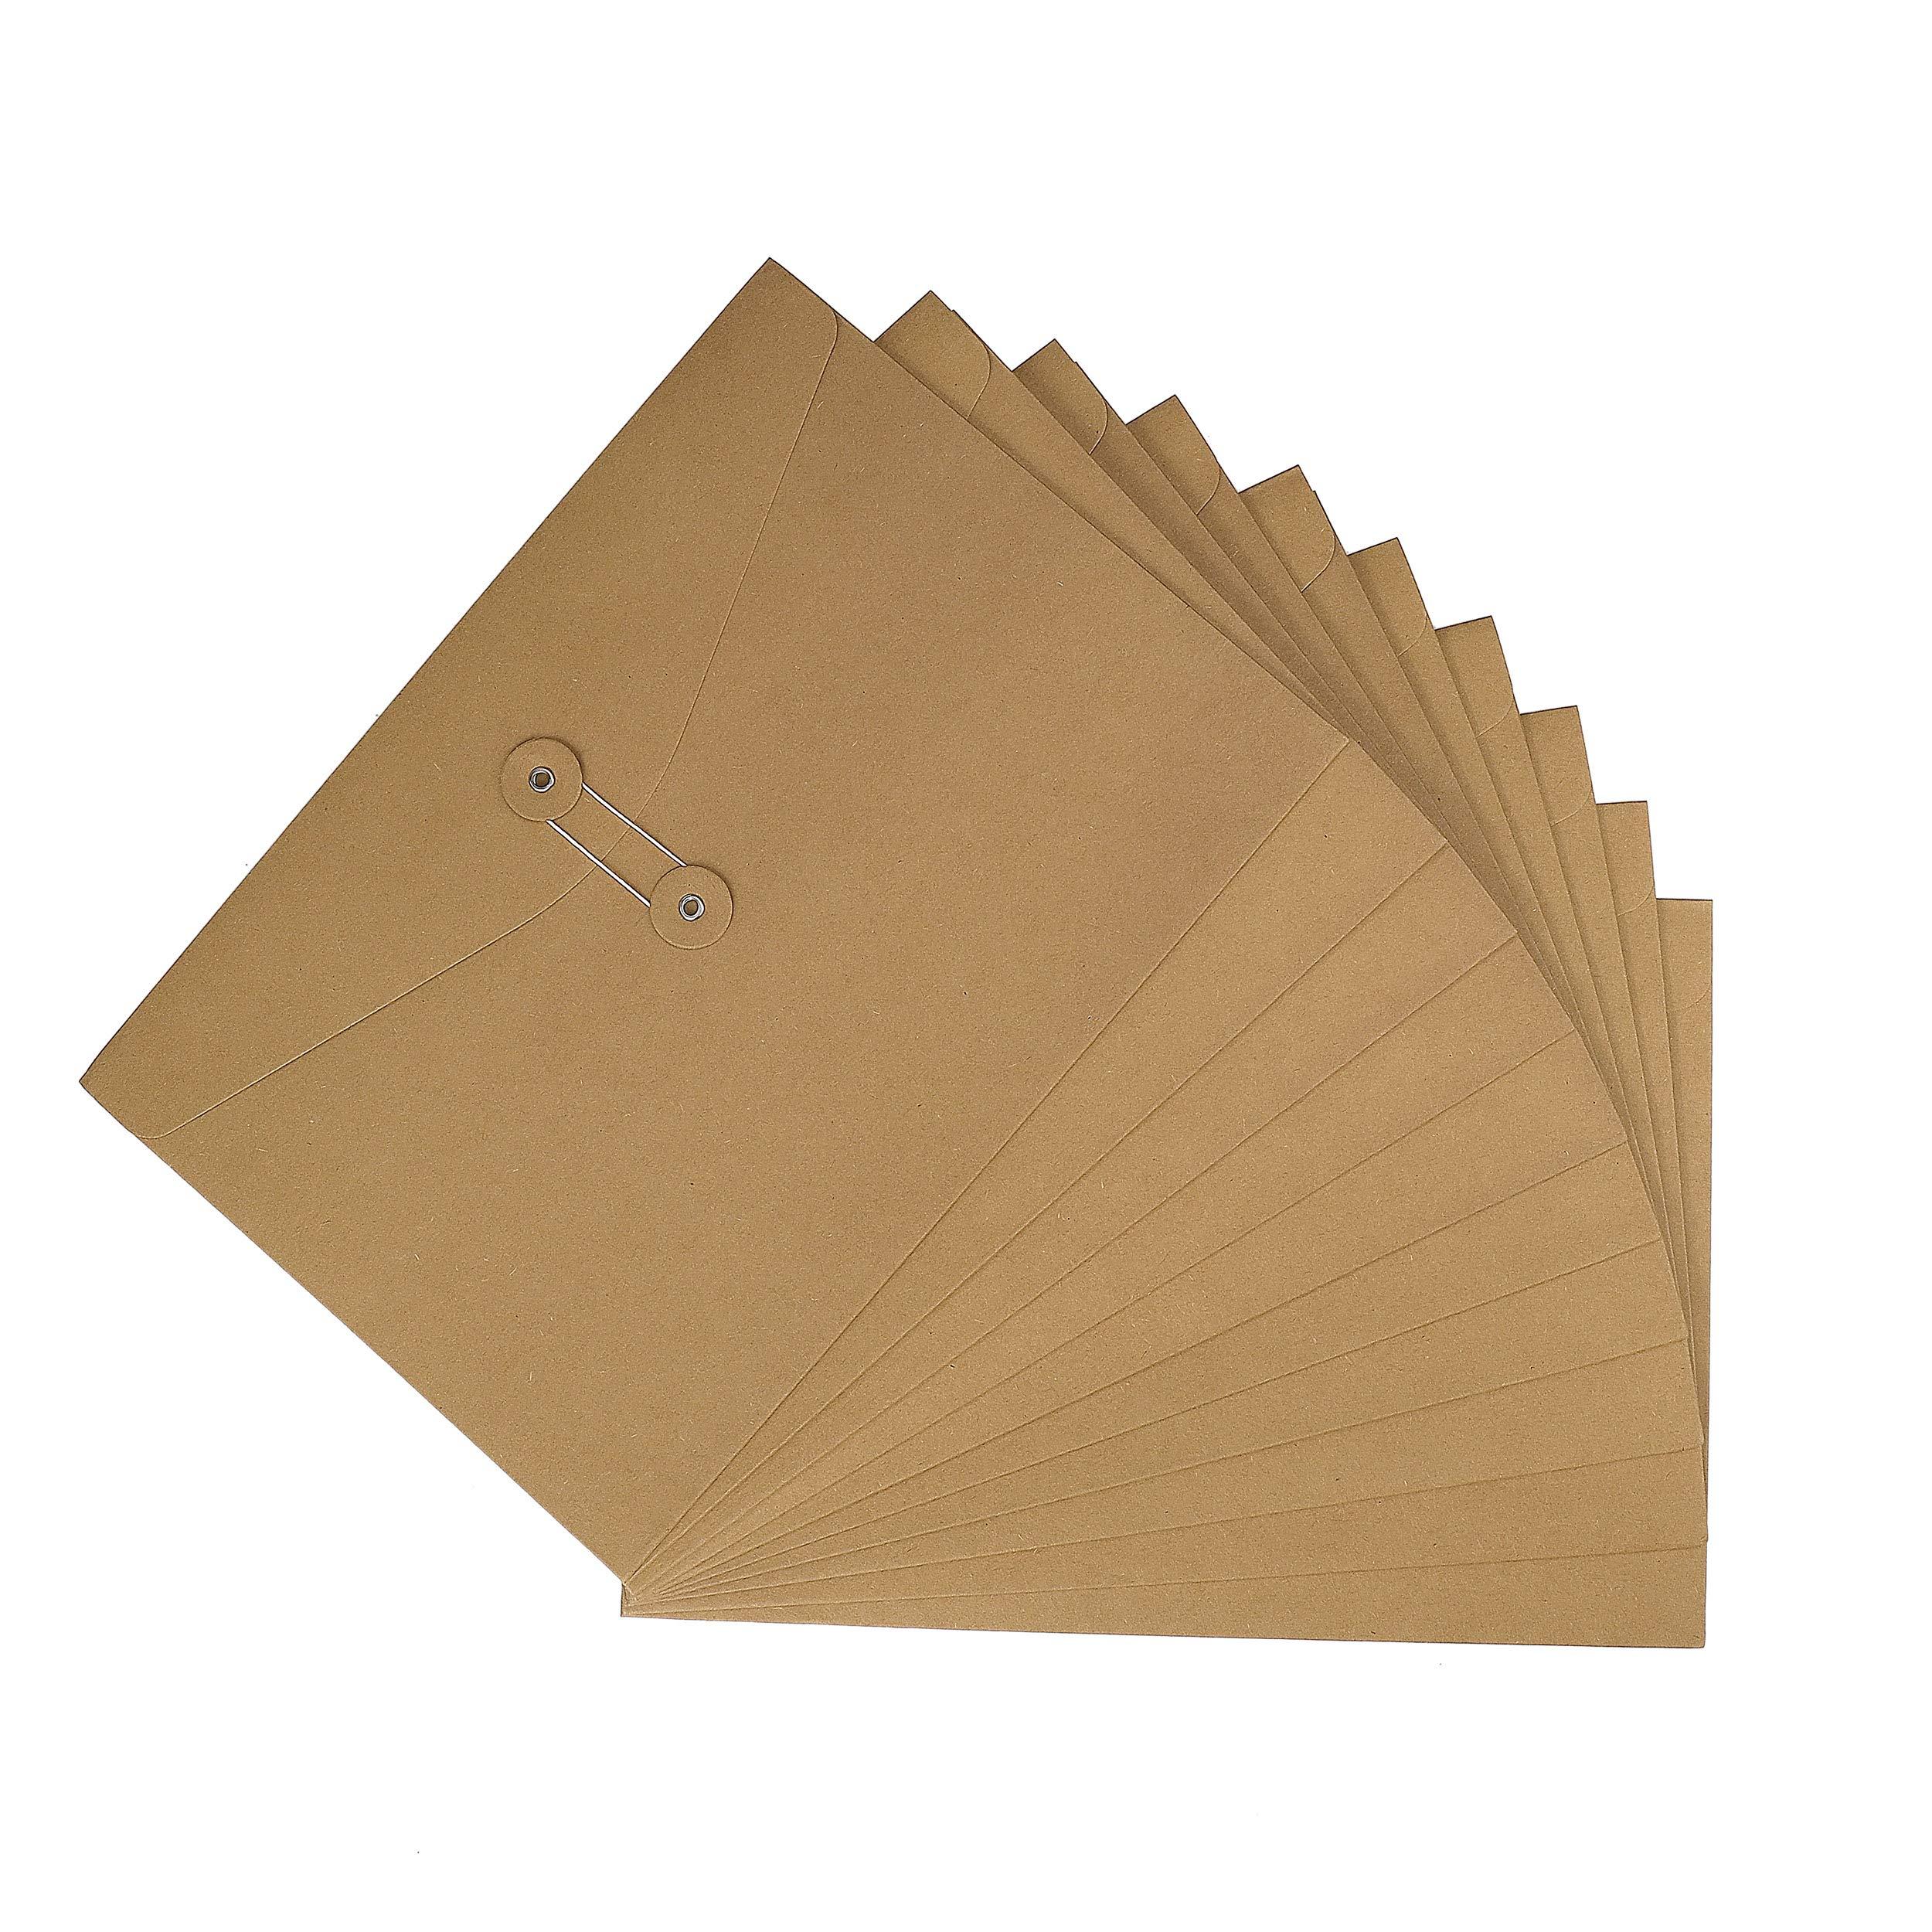 A4 Sac de Fichier en Papier Kraft,10 Stück Enveloppe de Document Dossier de Fichier avec Ligne Boucle, Epais File Folder Porte-documents Pochette Rangement à Dossier Fournitures Scolaire Bureau